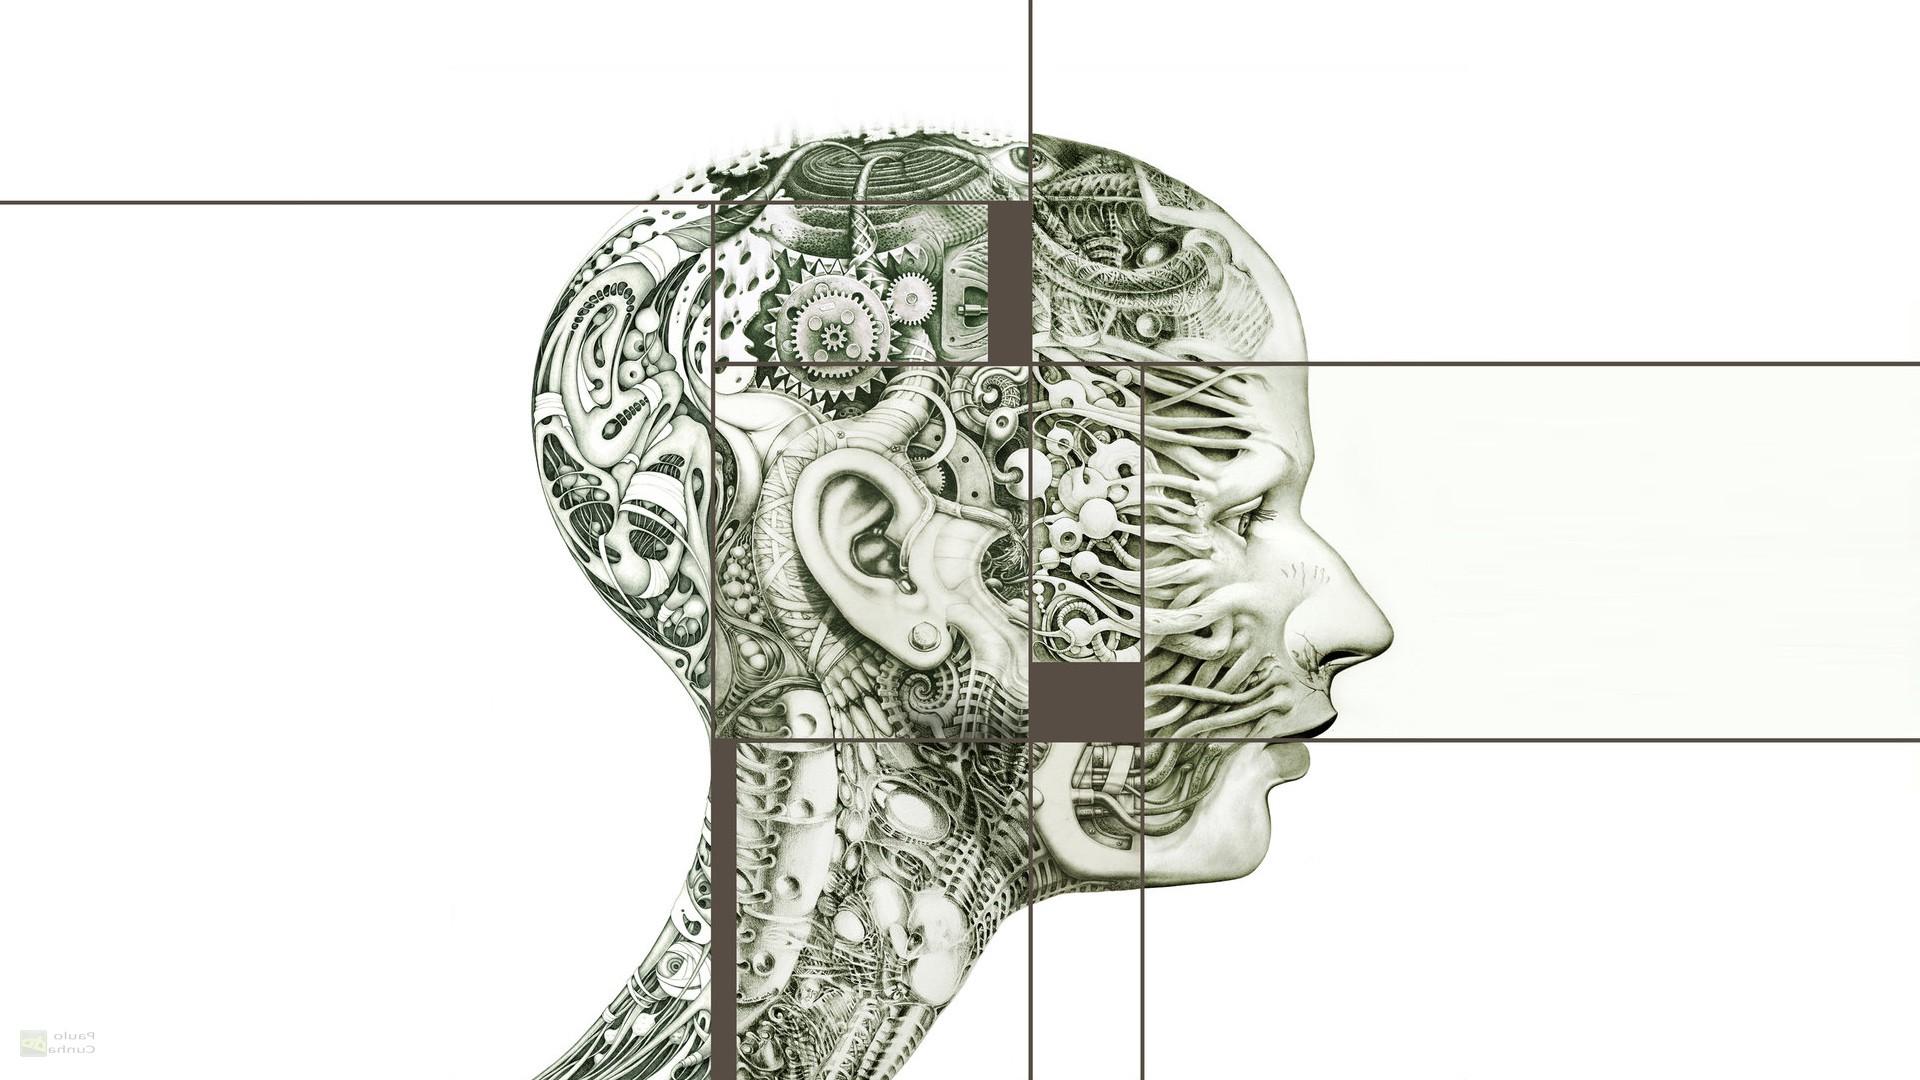 Hintergrundbilder : Zeichnung, Illustration, abstrakt, Kopf, Uhrwerk ...